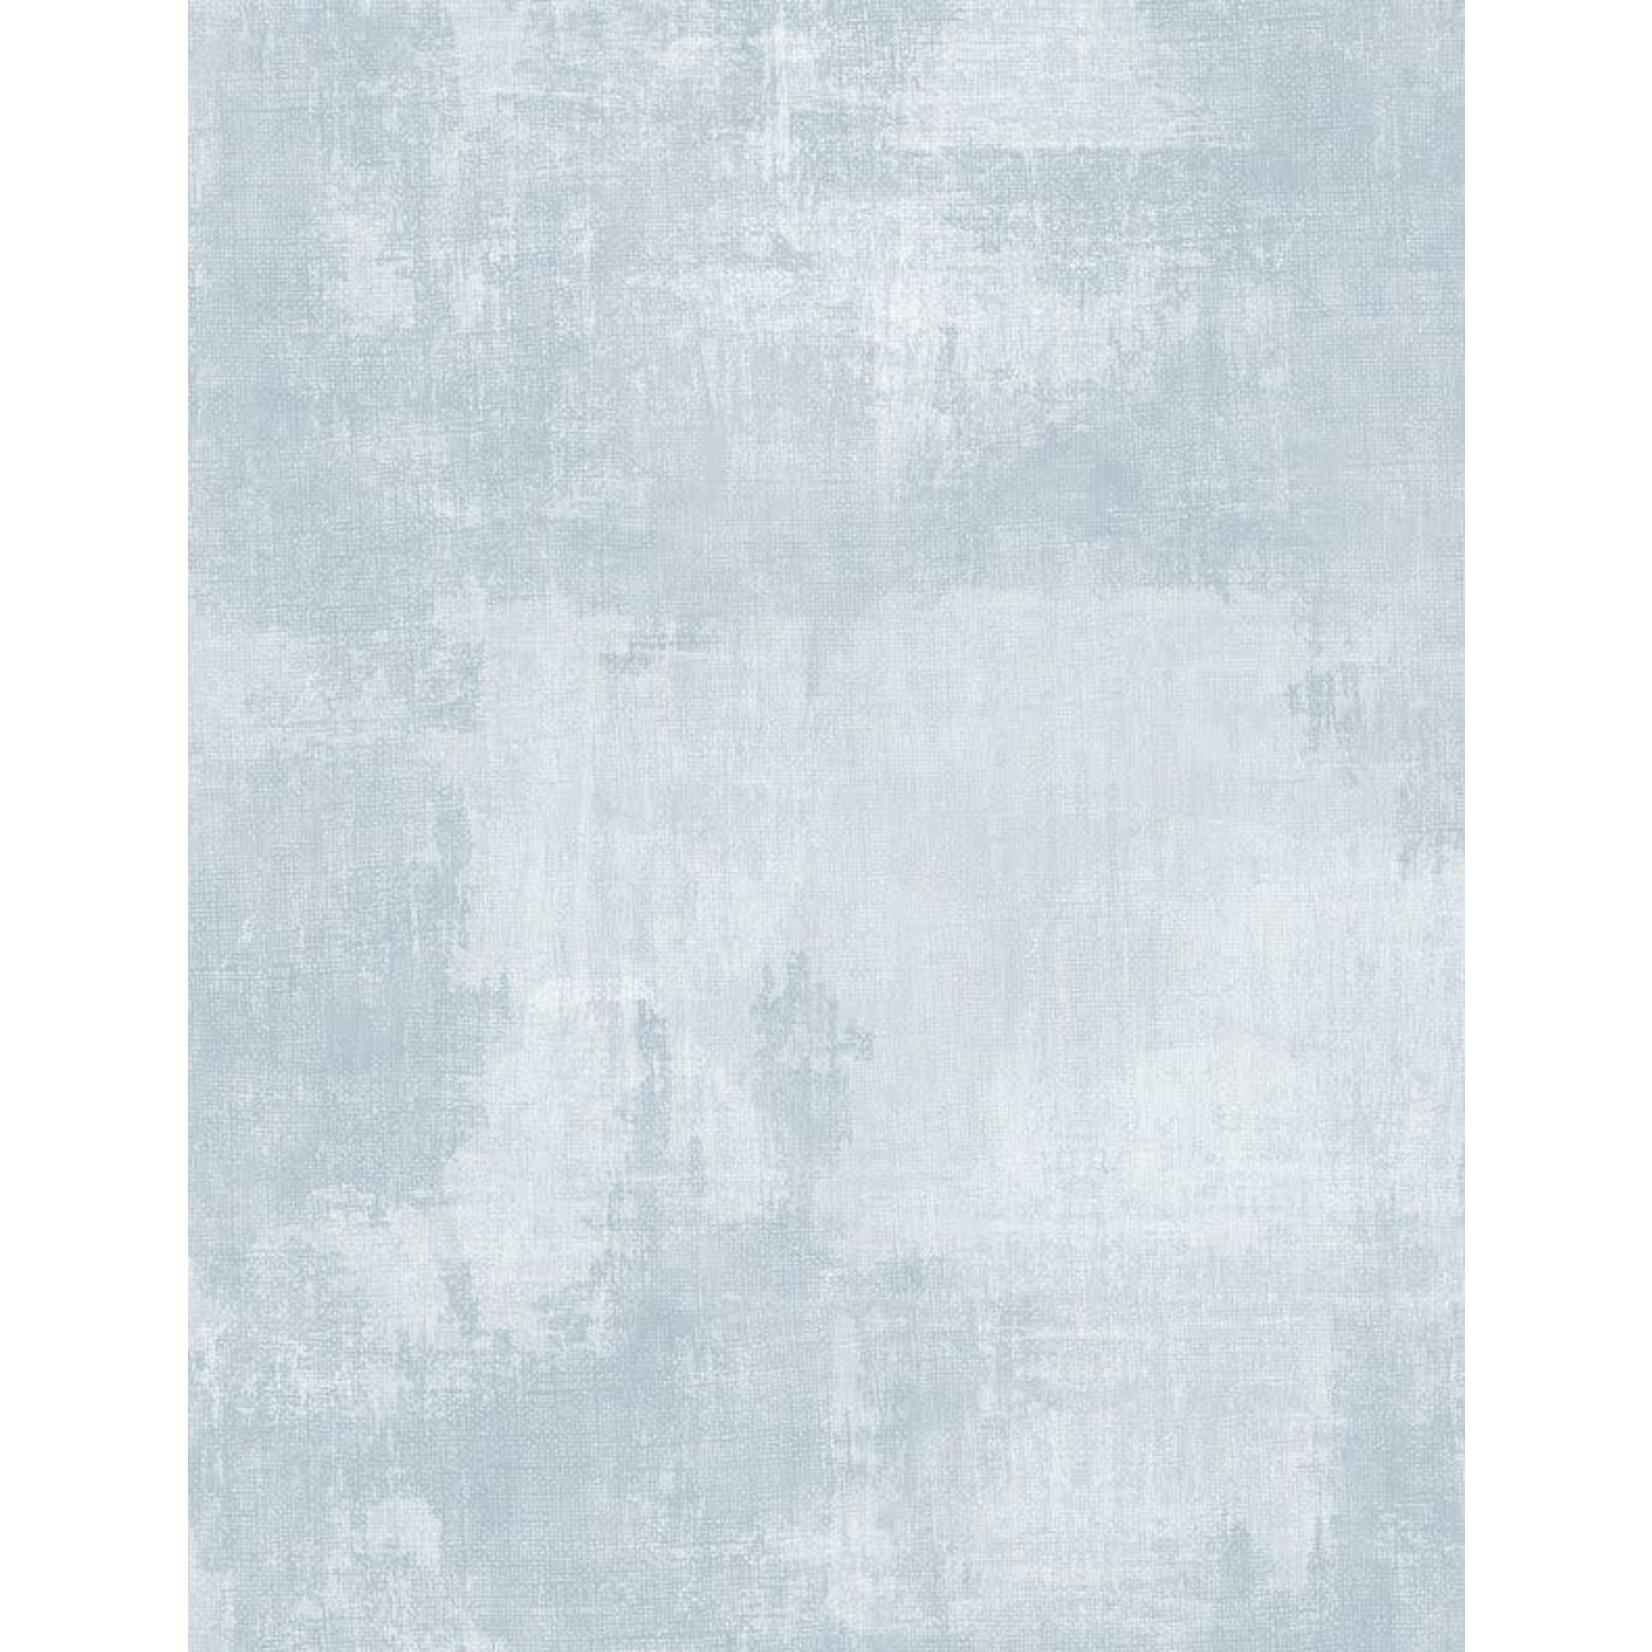 Wilmington Prints PER CM OR $20/M ESSENTIALS DRY BRUSH 411 LIGHT BLUE